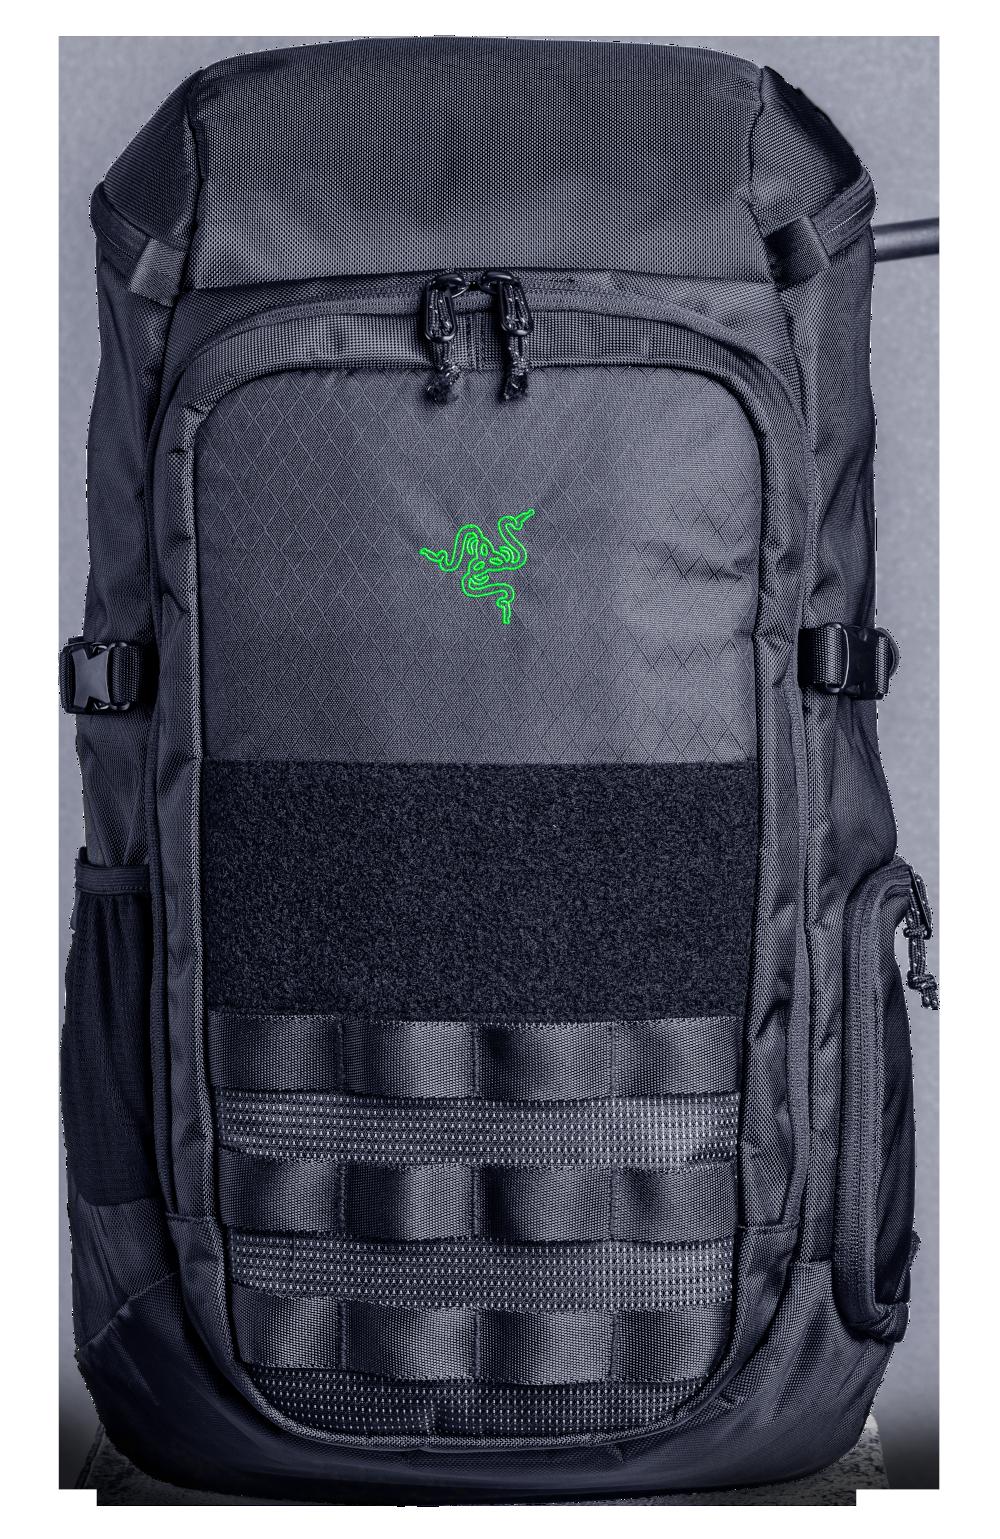 Razer Tactical Backpack V2